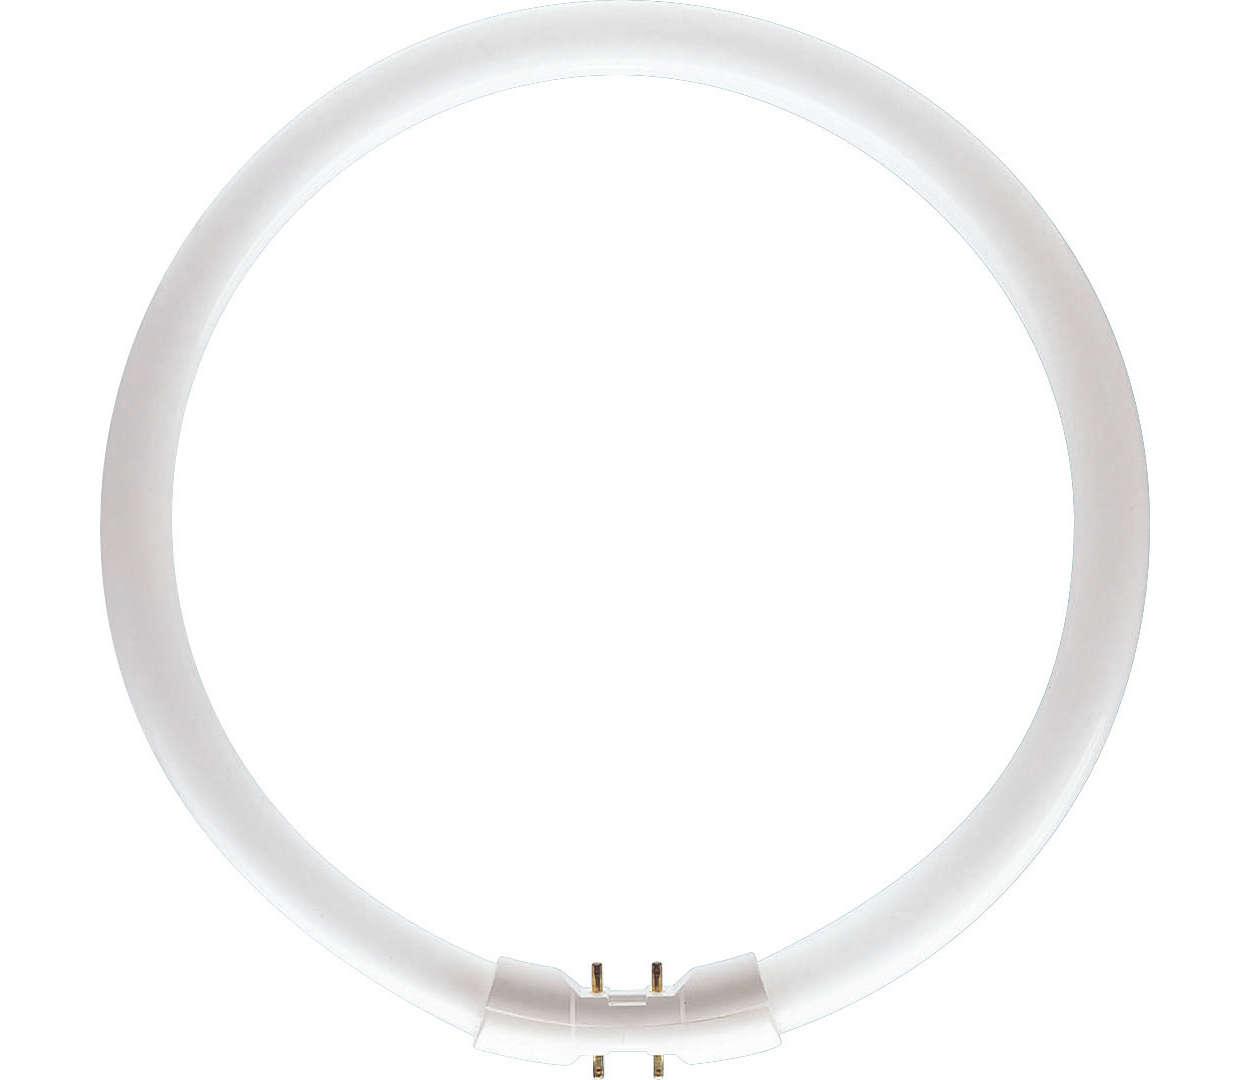 Powerful, ultra-slim circular lamps